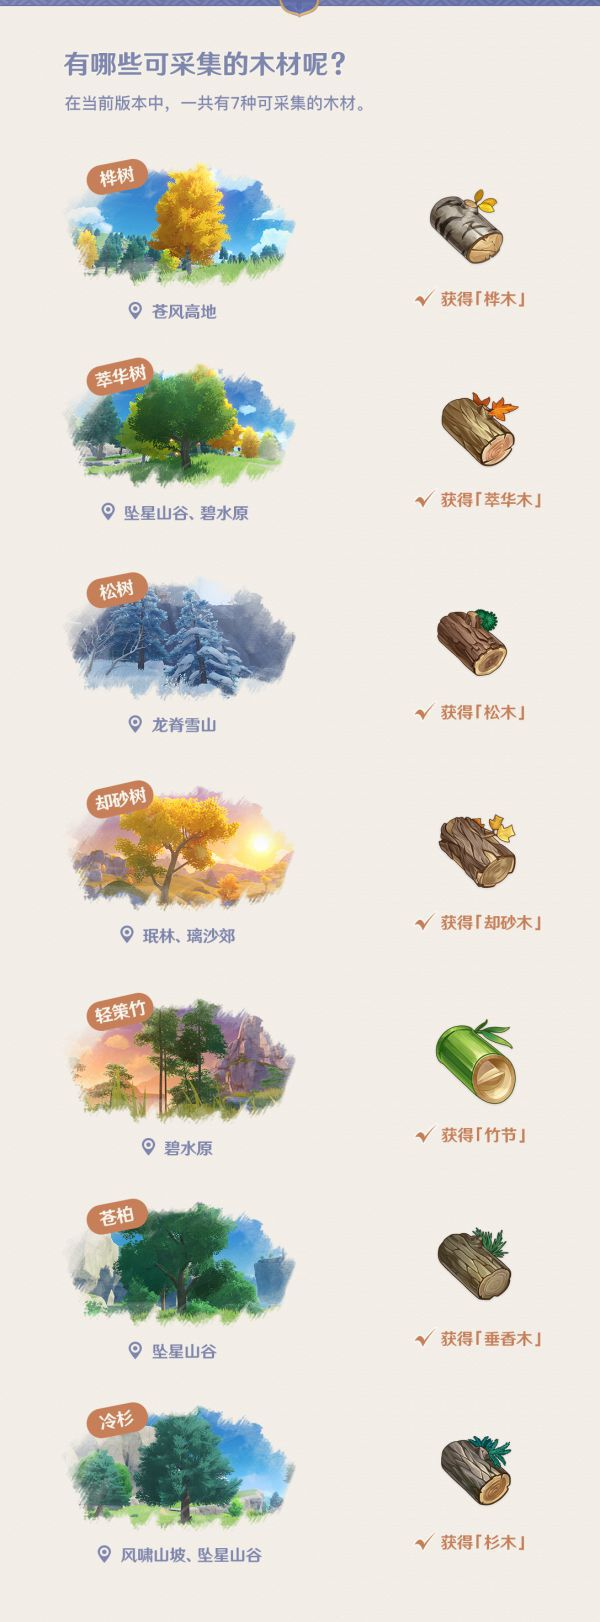 原神-塵歌壺基礎玩法前瞻 21